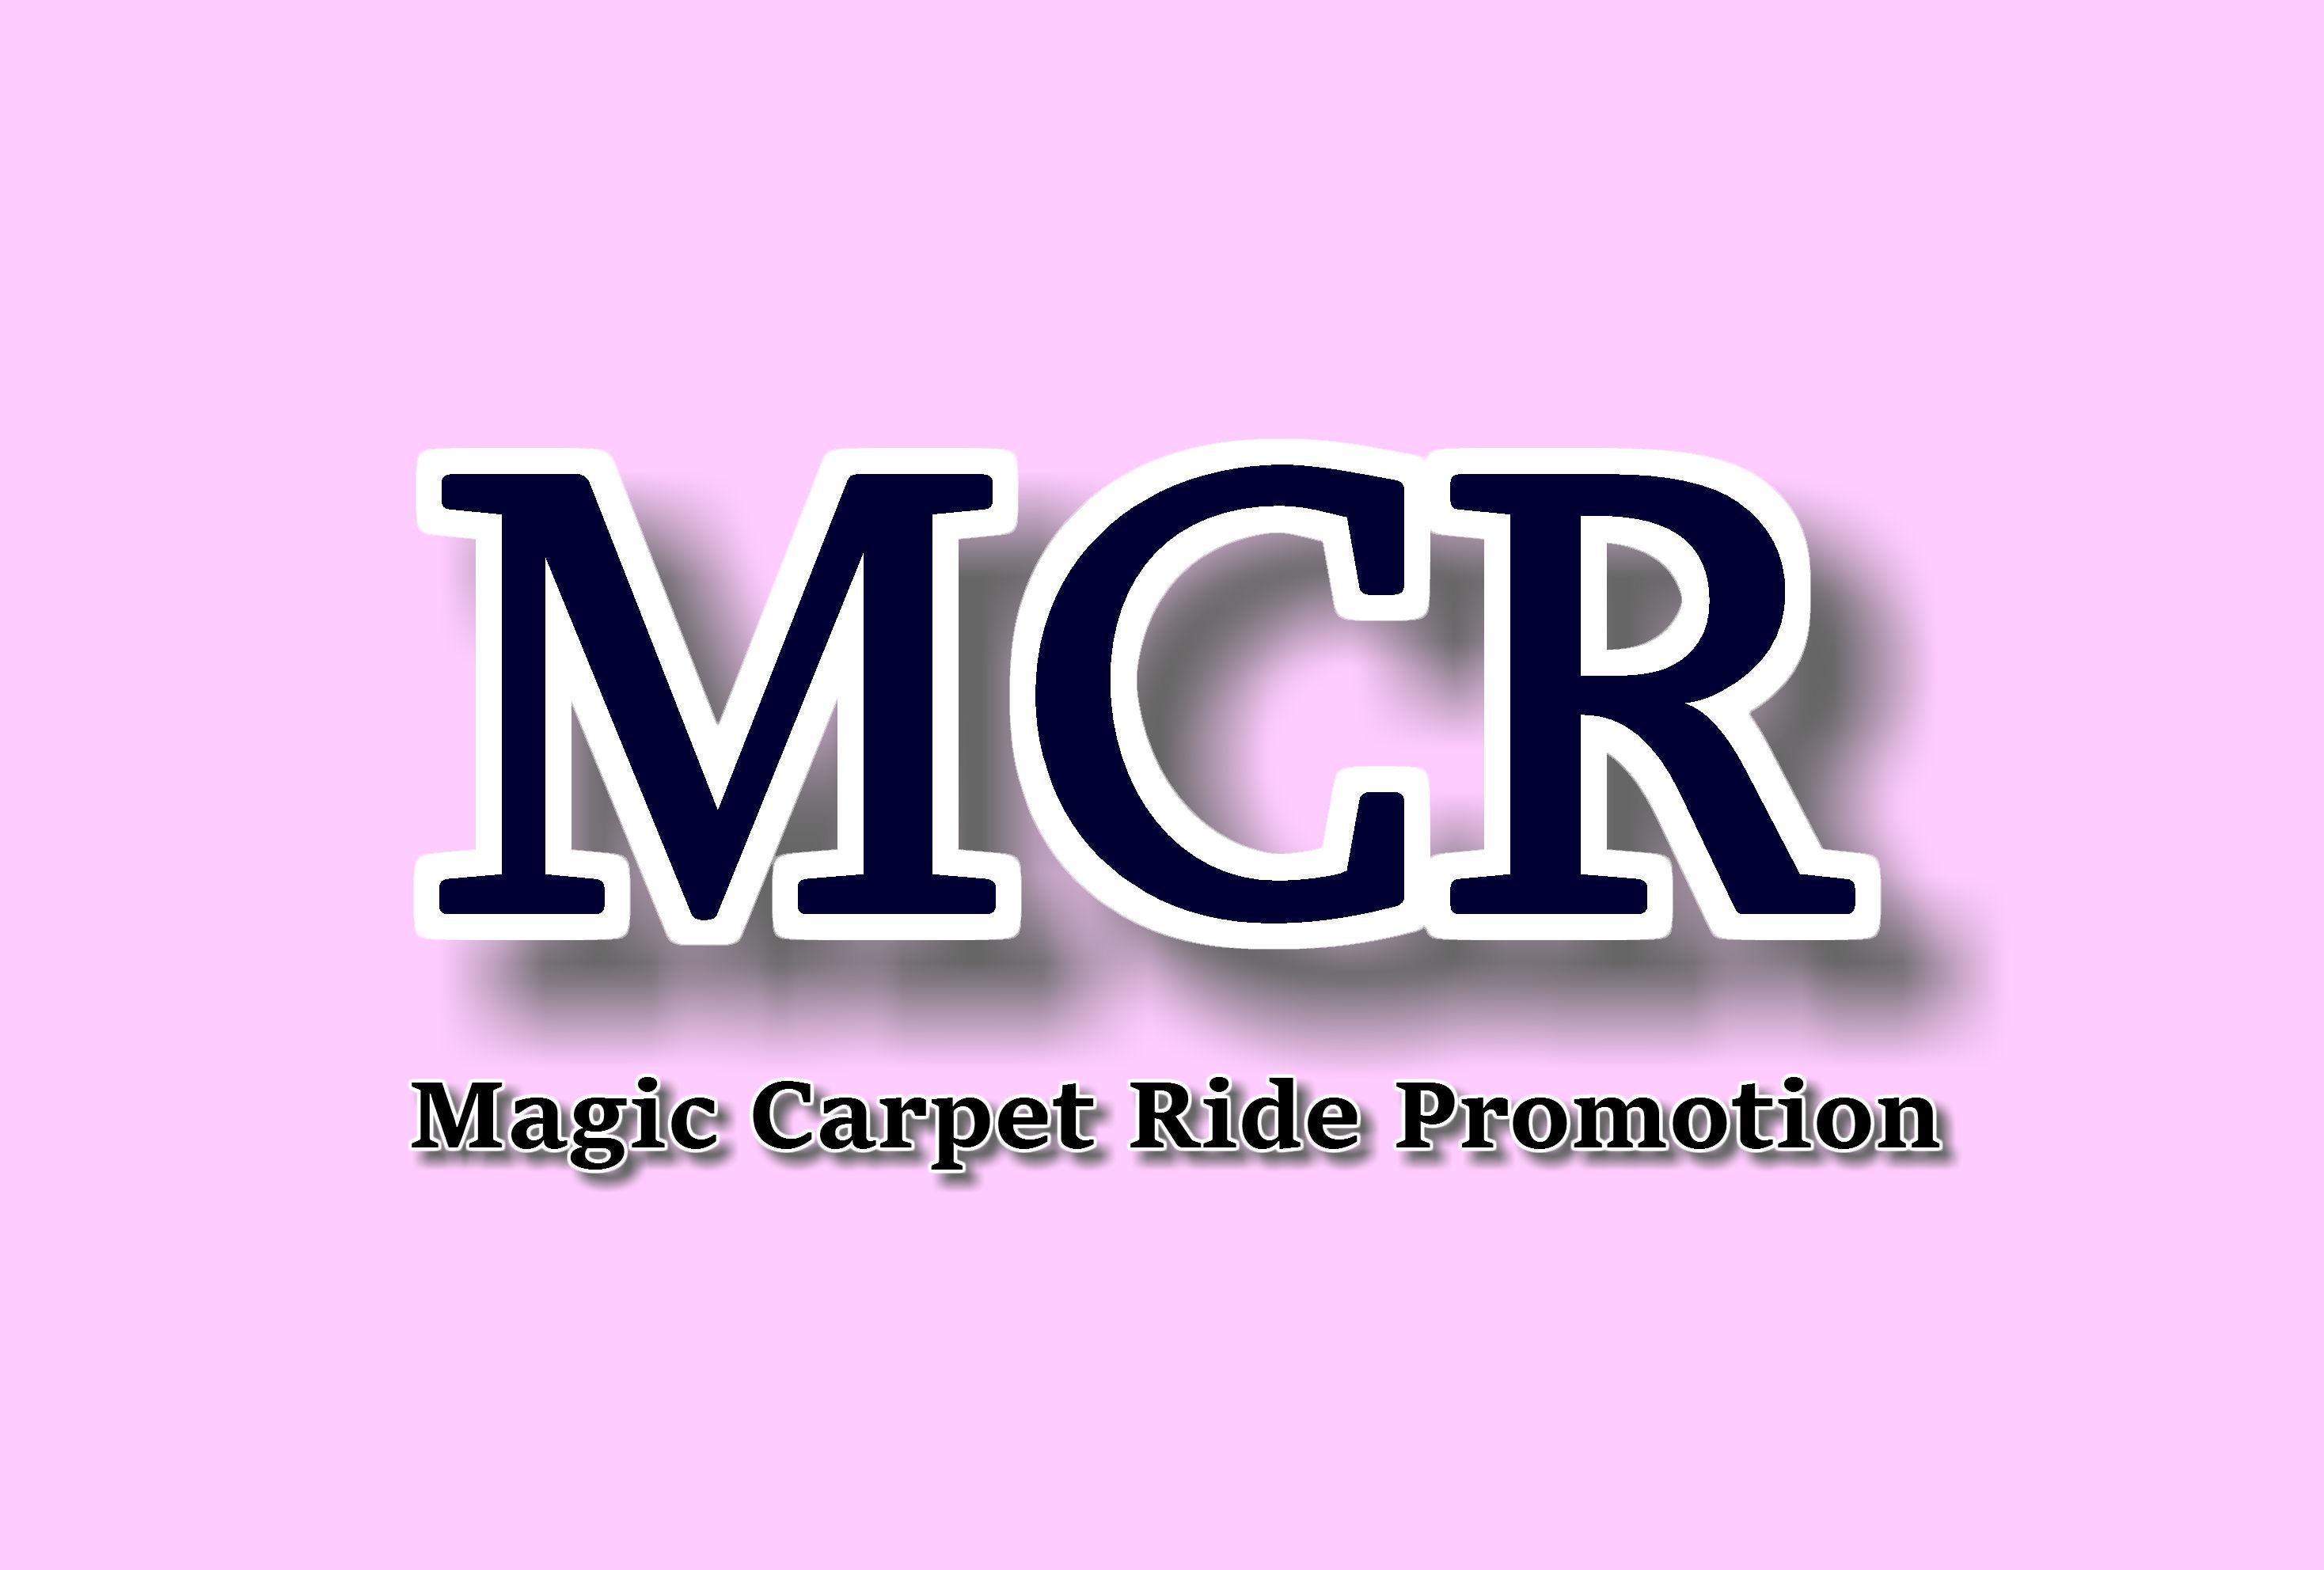 Magic Carpet Ride Promotion